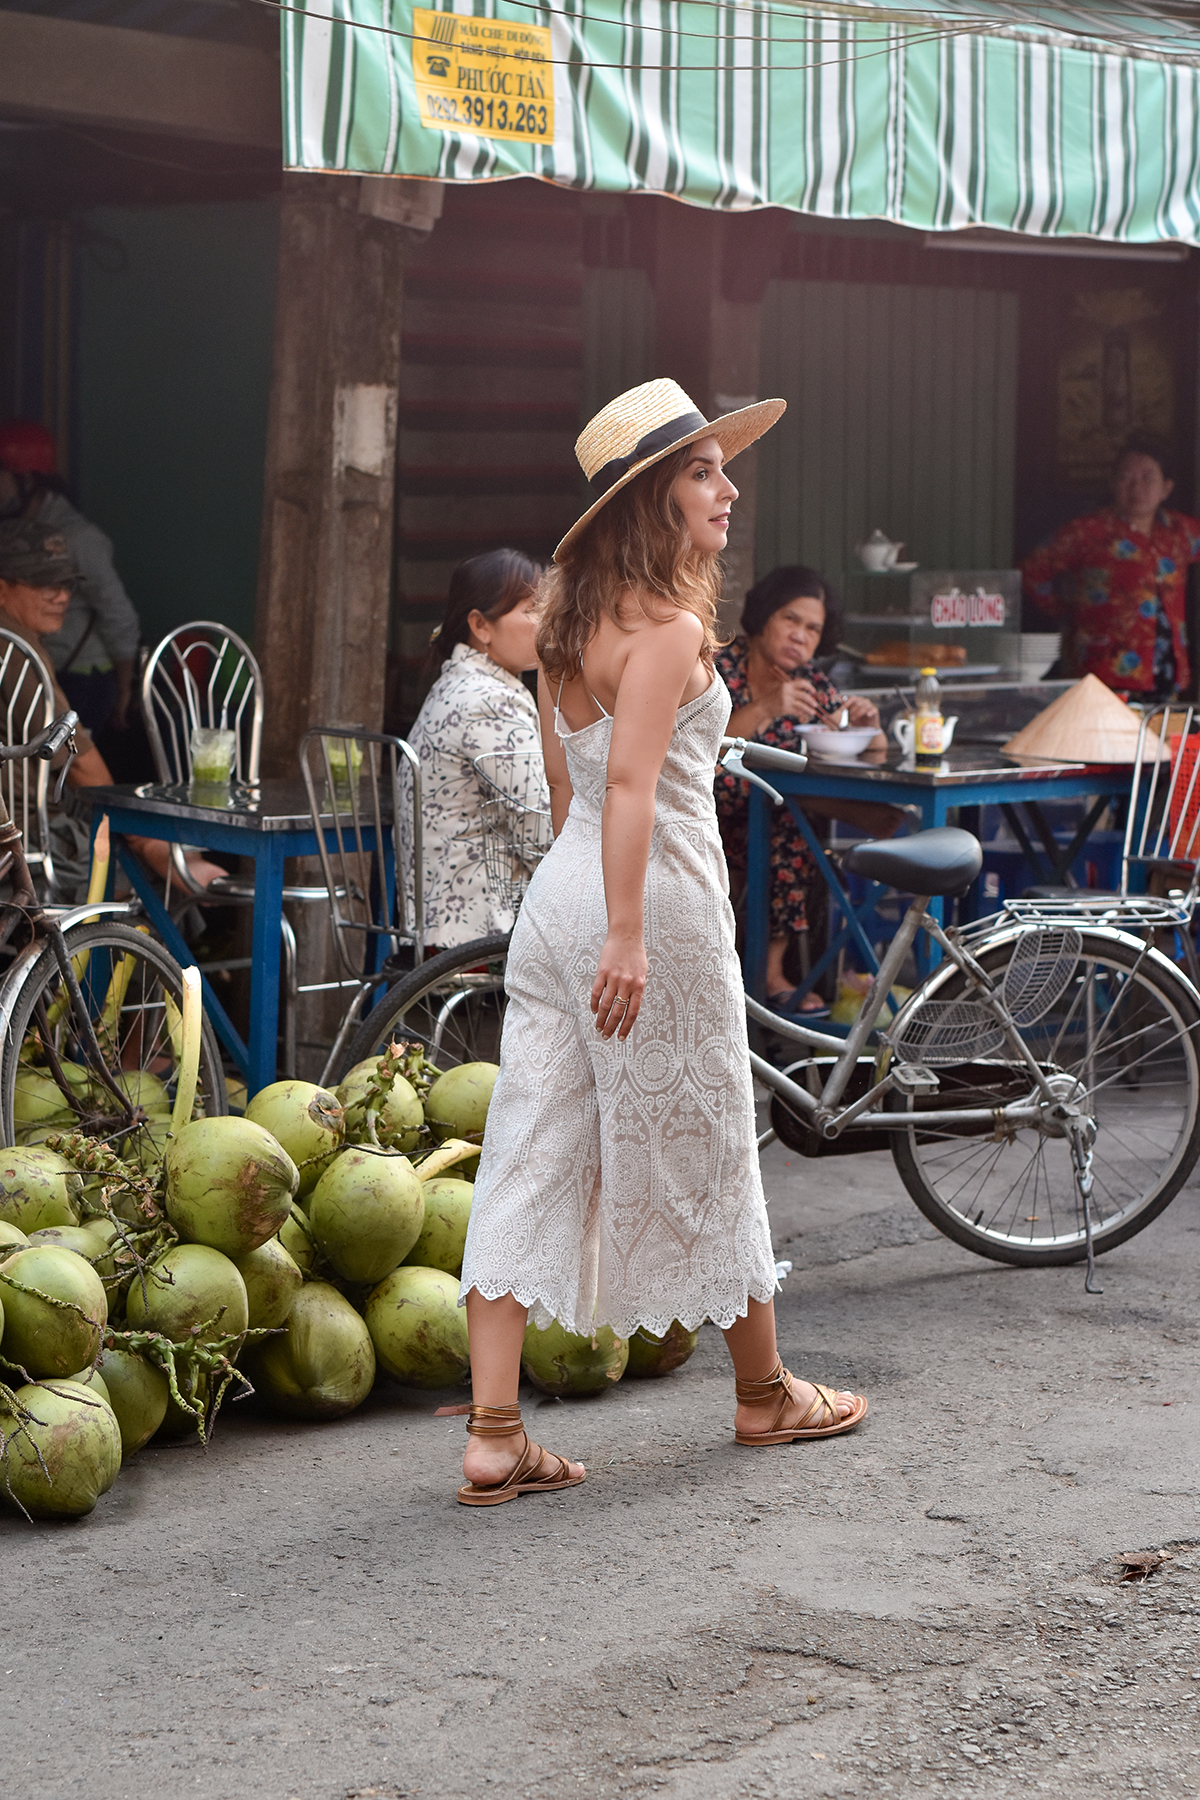 Helloitsvalentine MarcheFlottant CaiRang CanTho DeltaduMekong 20 - Quelques jours au Vietnam – Le marché flottant de Cai Rang à Can Tho sur le Delta du Mékong